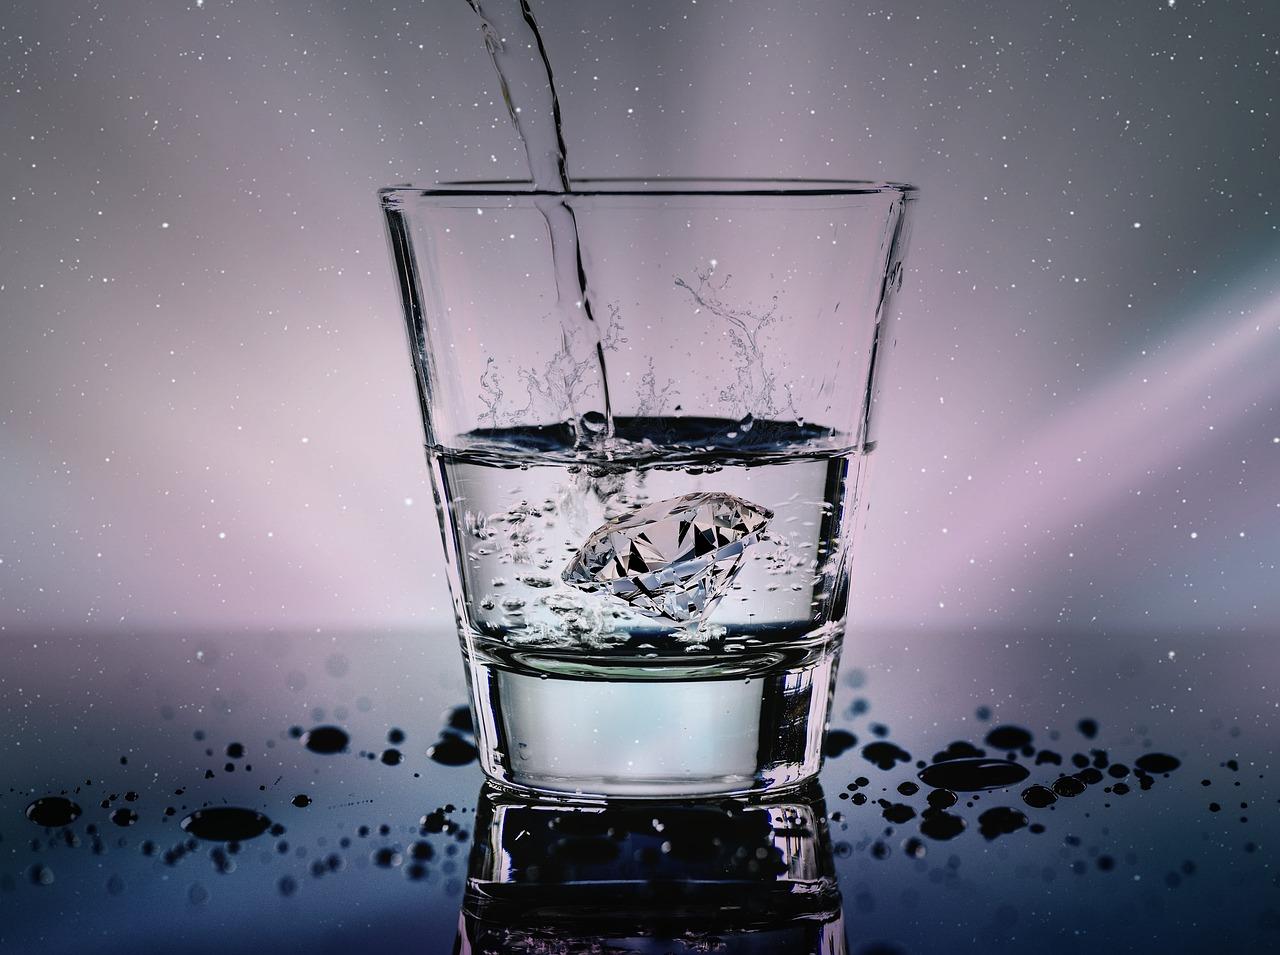 water-3853492_1280.jpg